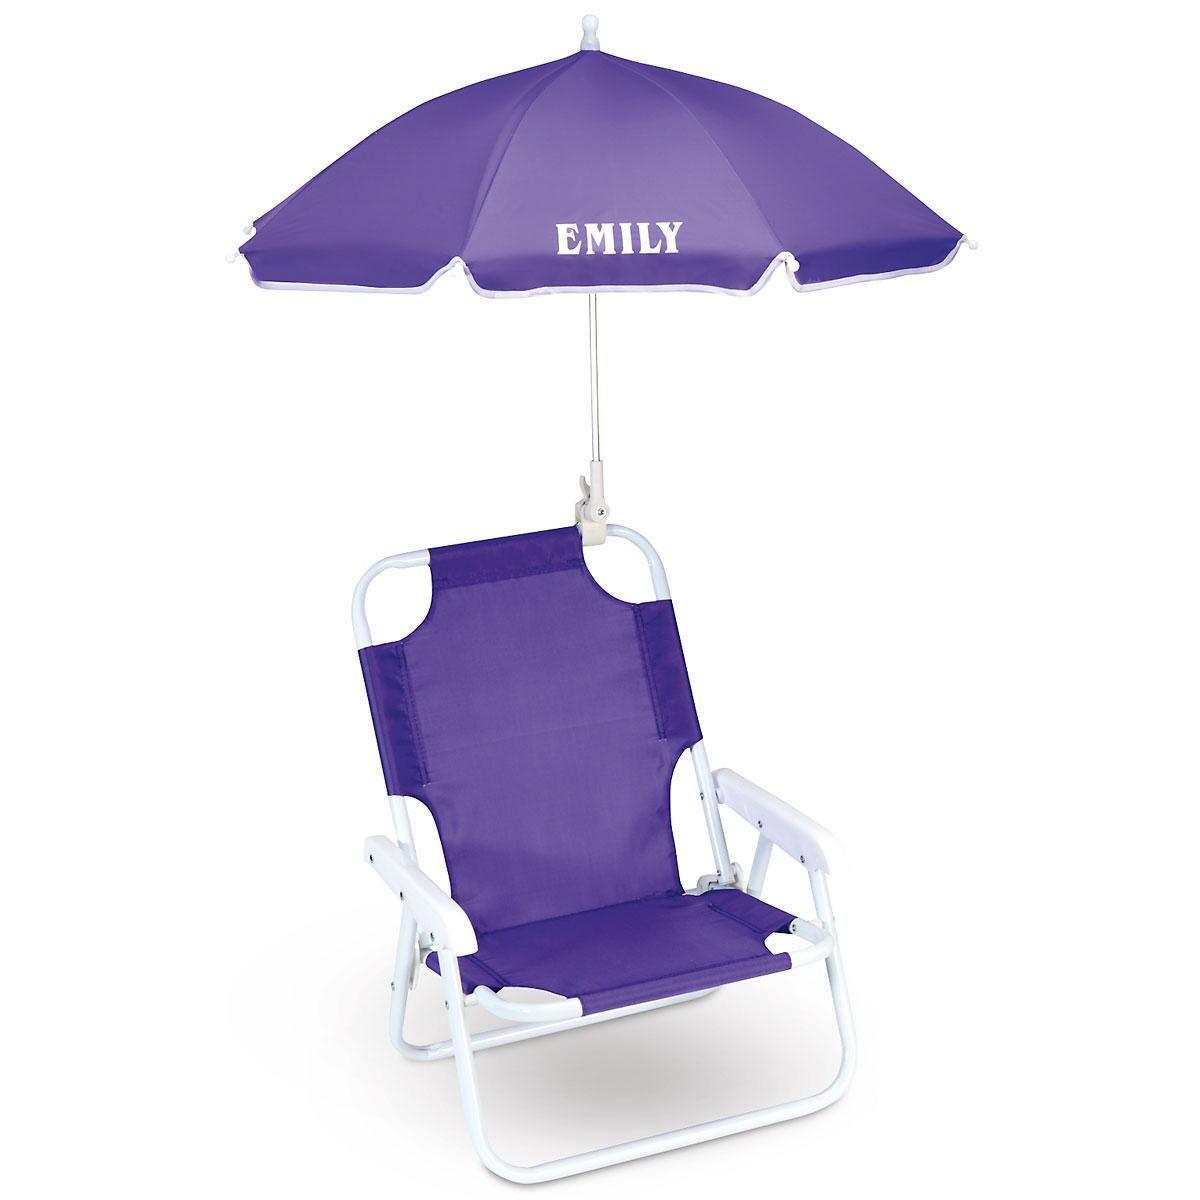 Kids Beach Chair With Umbrella  Umbrella Beach Chair for Kids